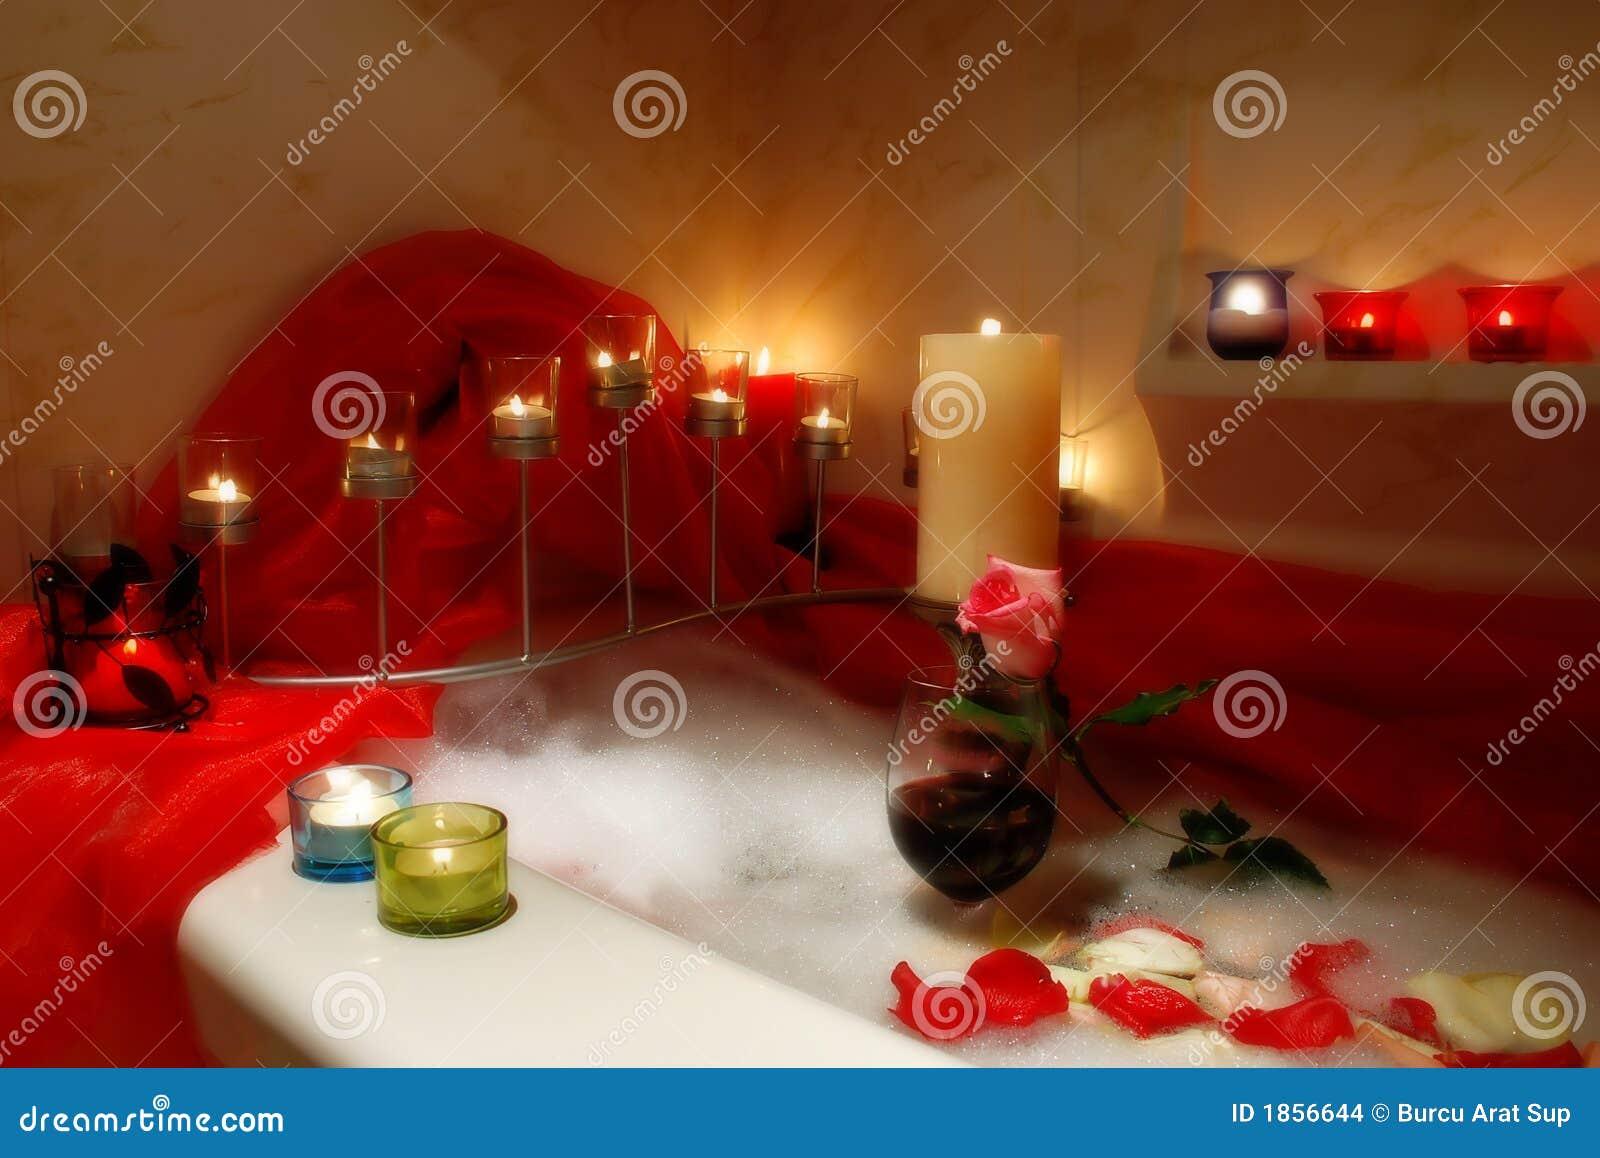 Bain Romantique Images Stock Image 1856644